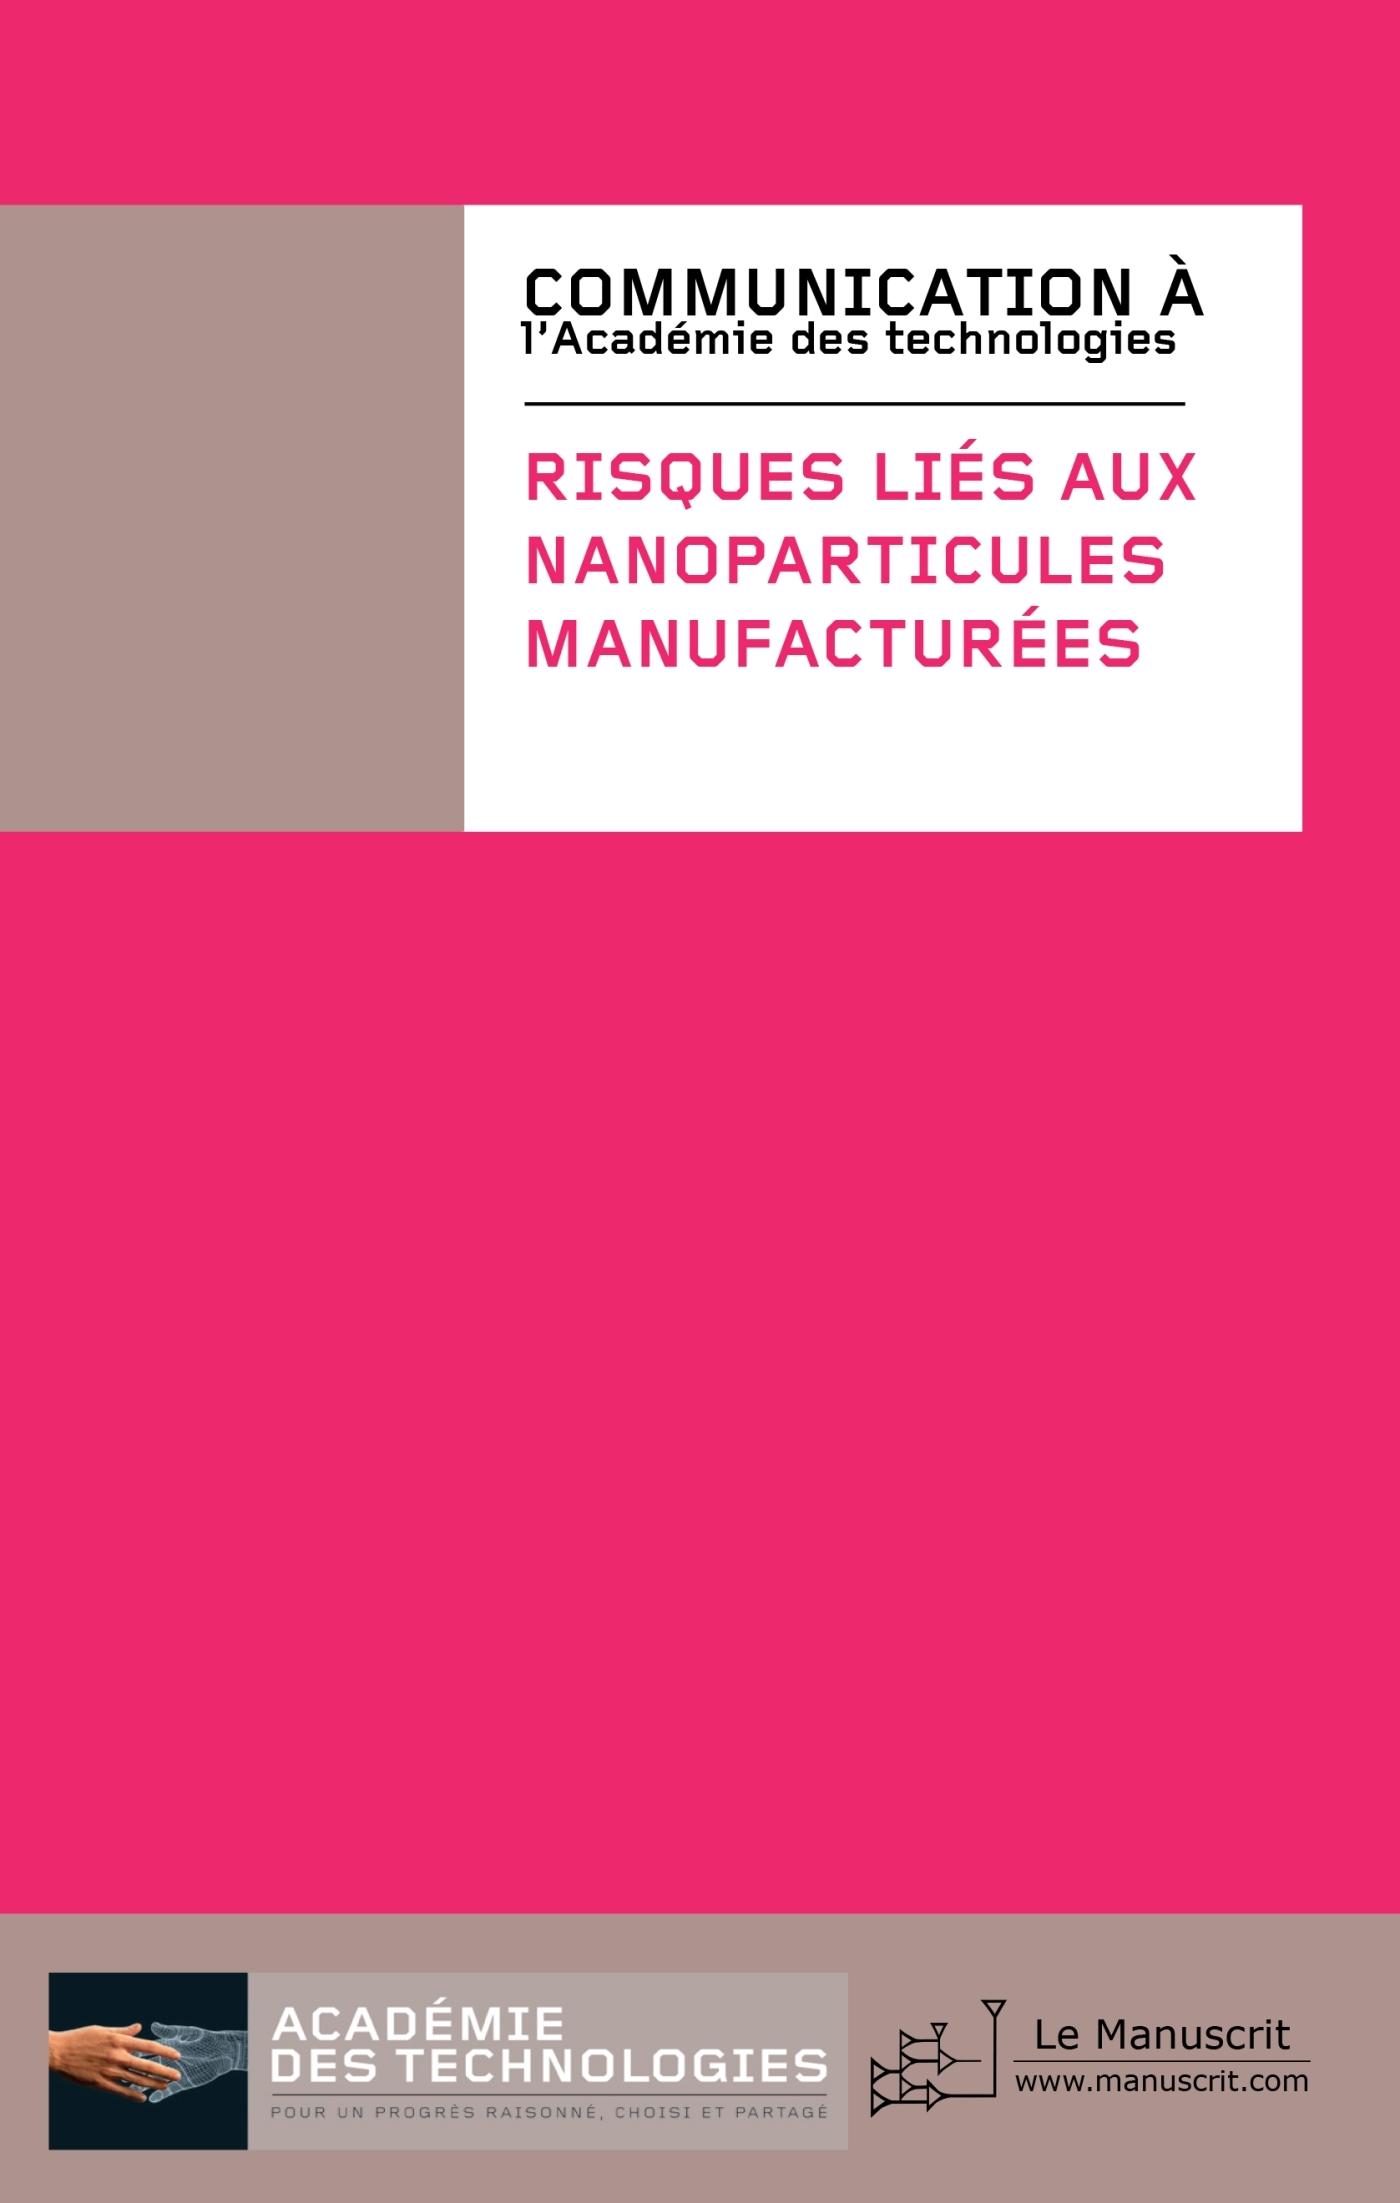 RISQUES LIES AUX NANOPARTICULES MANUFACTUREES